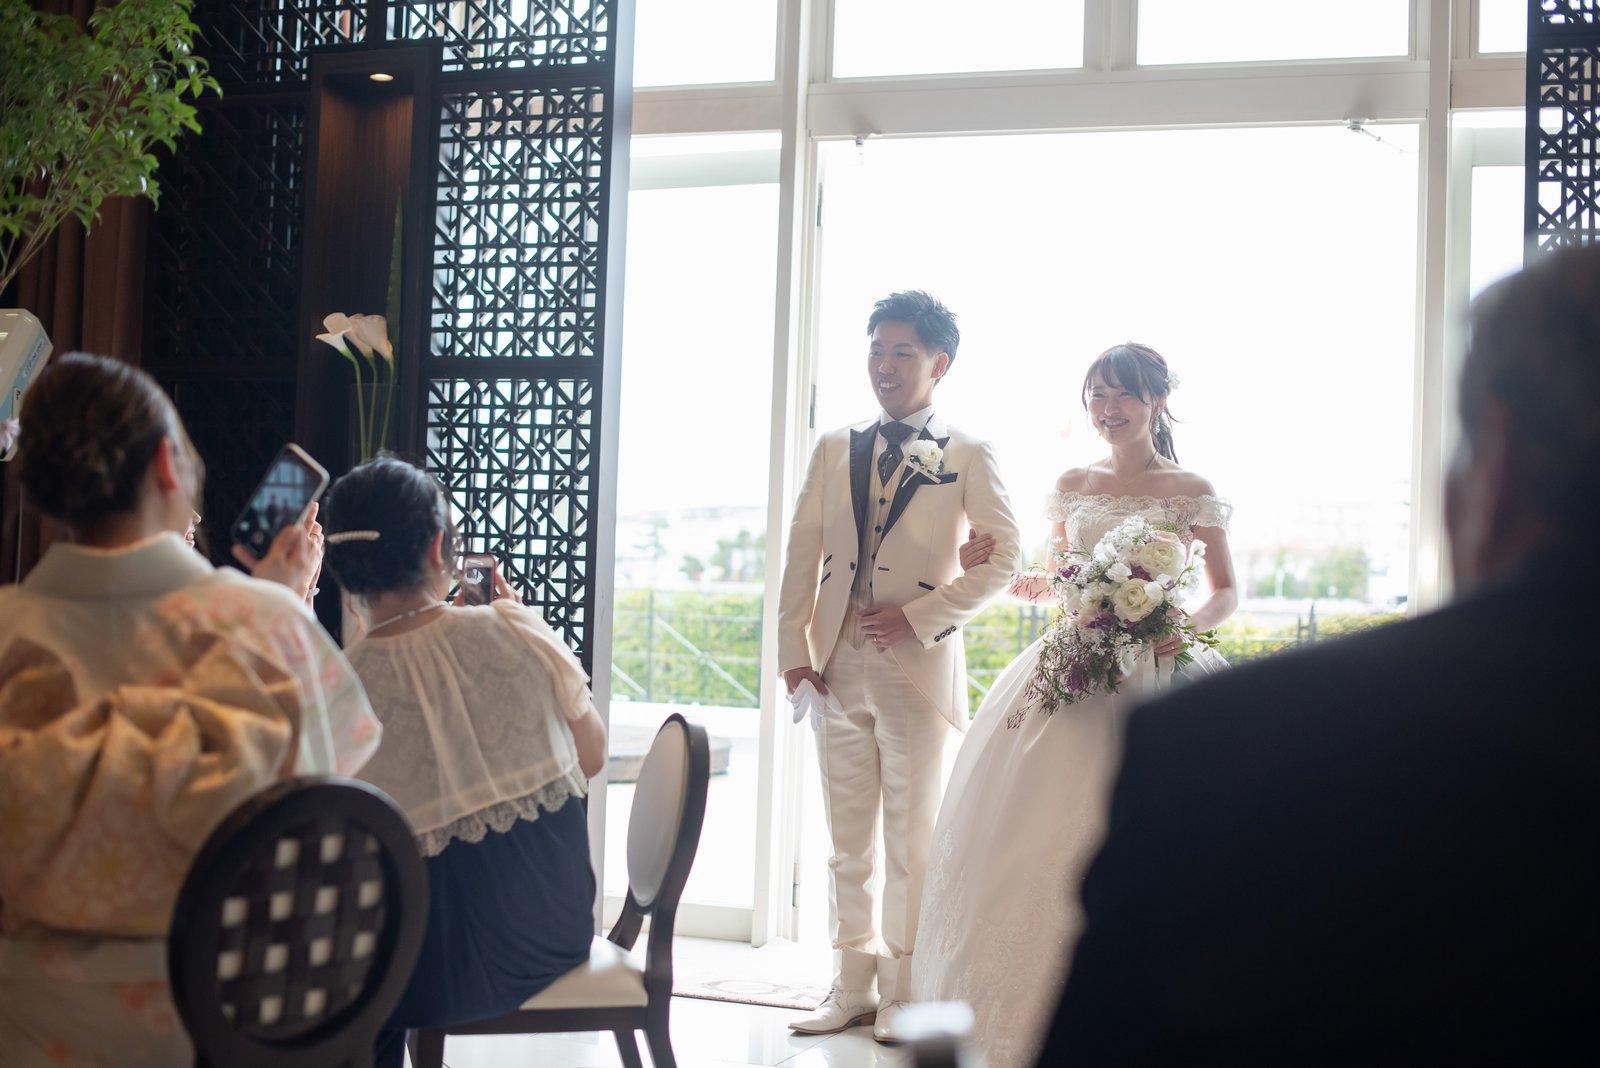 徳島県の結婚式場ブランアンジュの披露宴会場でガーデン入場する新郎新婦